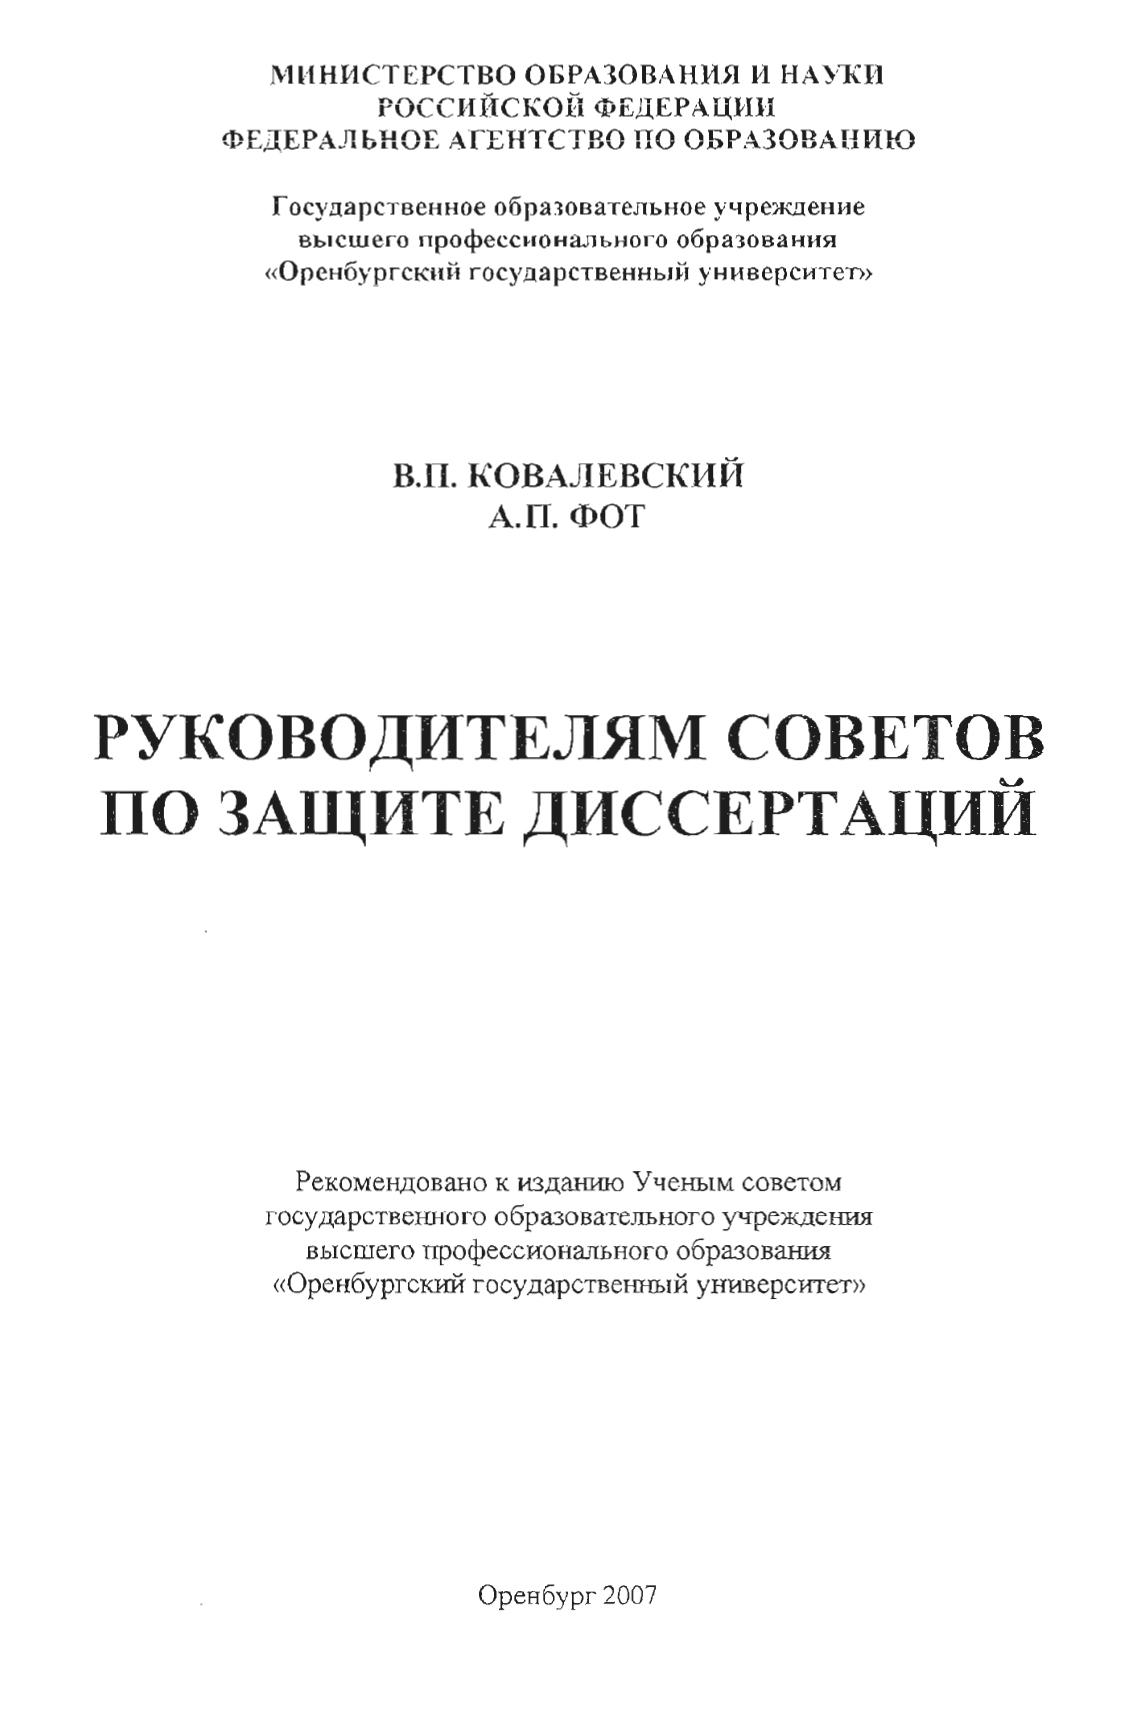 Руководителям советов по защите диссертаций